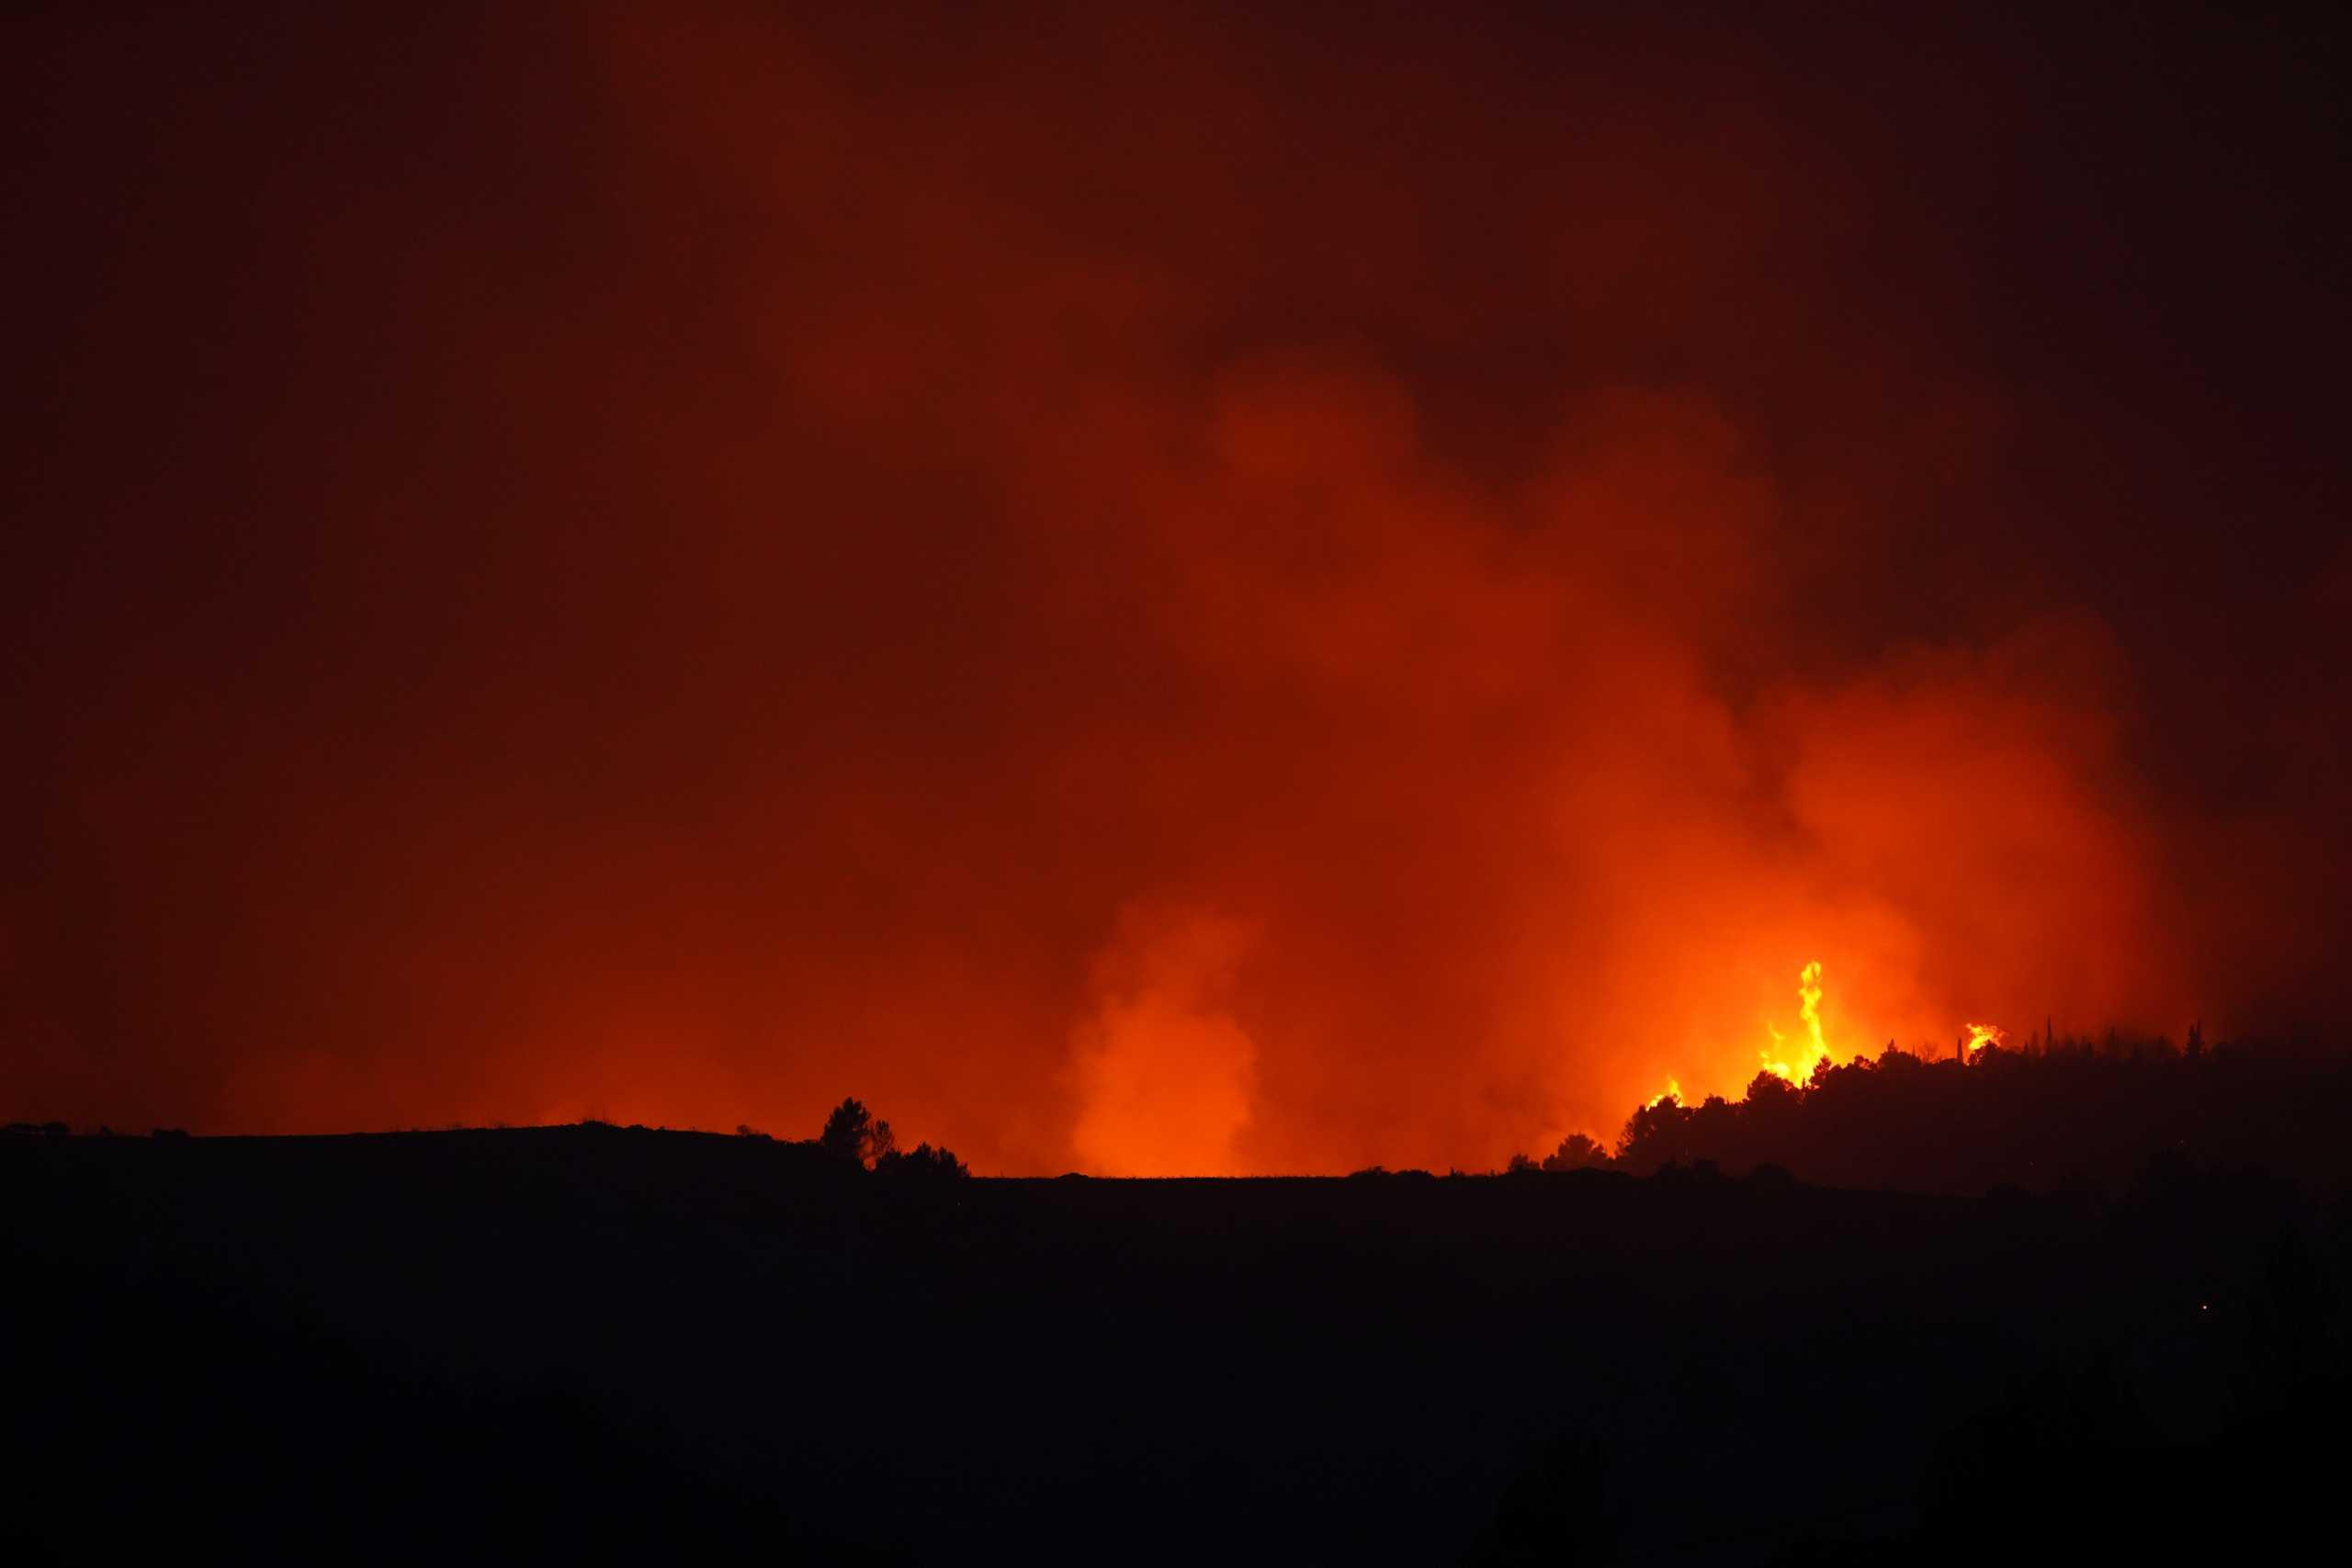 Μεγάλη φωτιά στην Γαλλία: Μάχη για 650 πυροσβέστες στη Βαρ